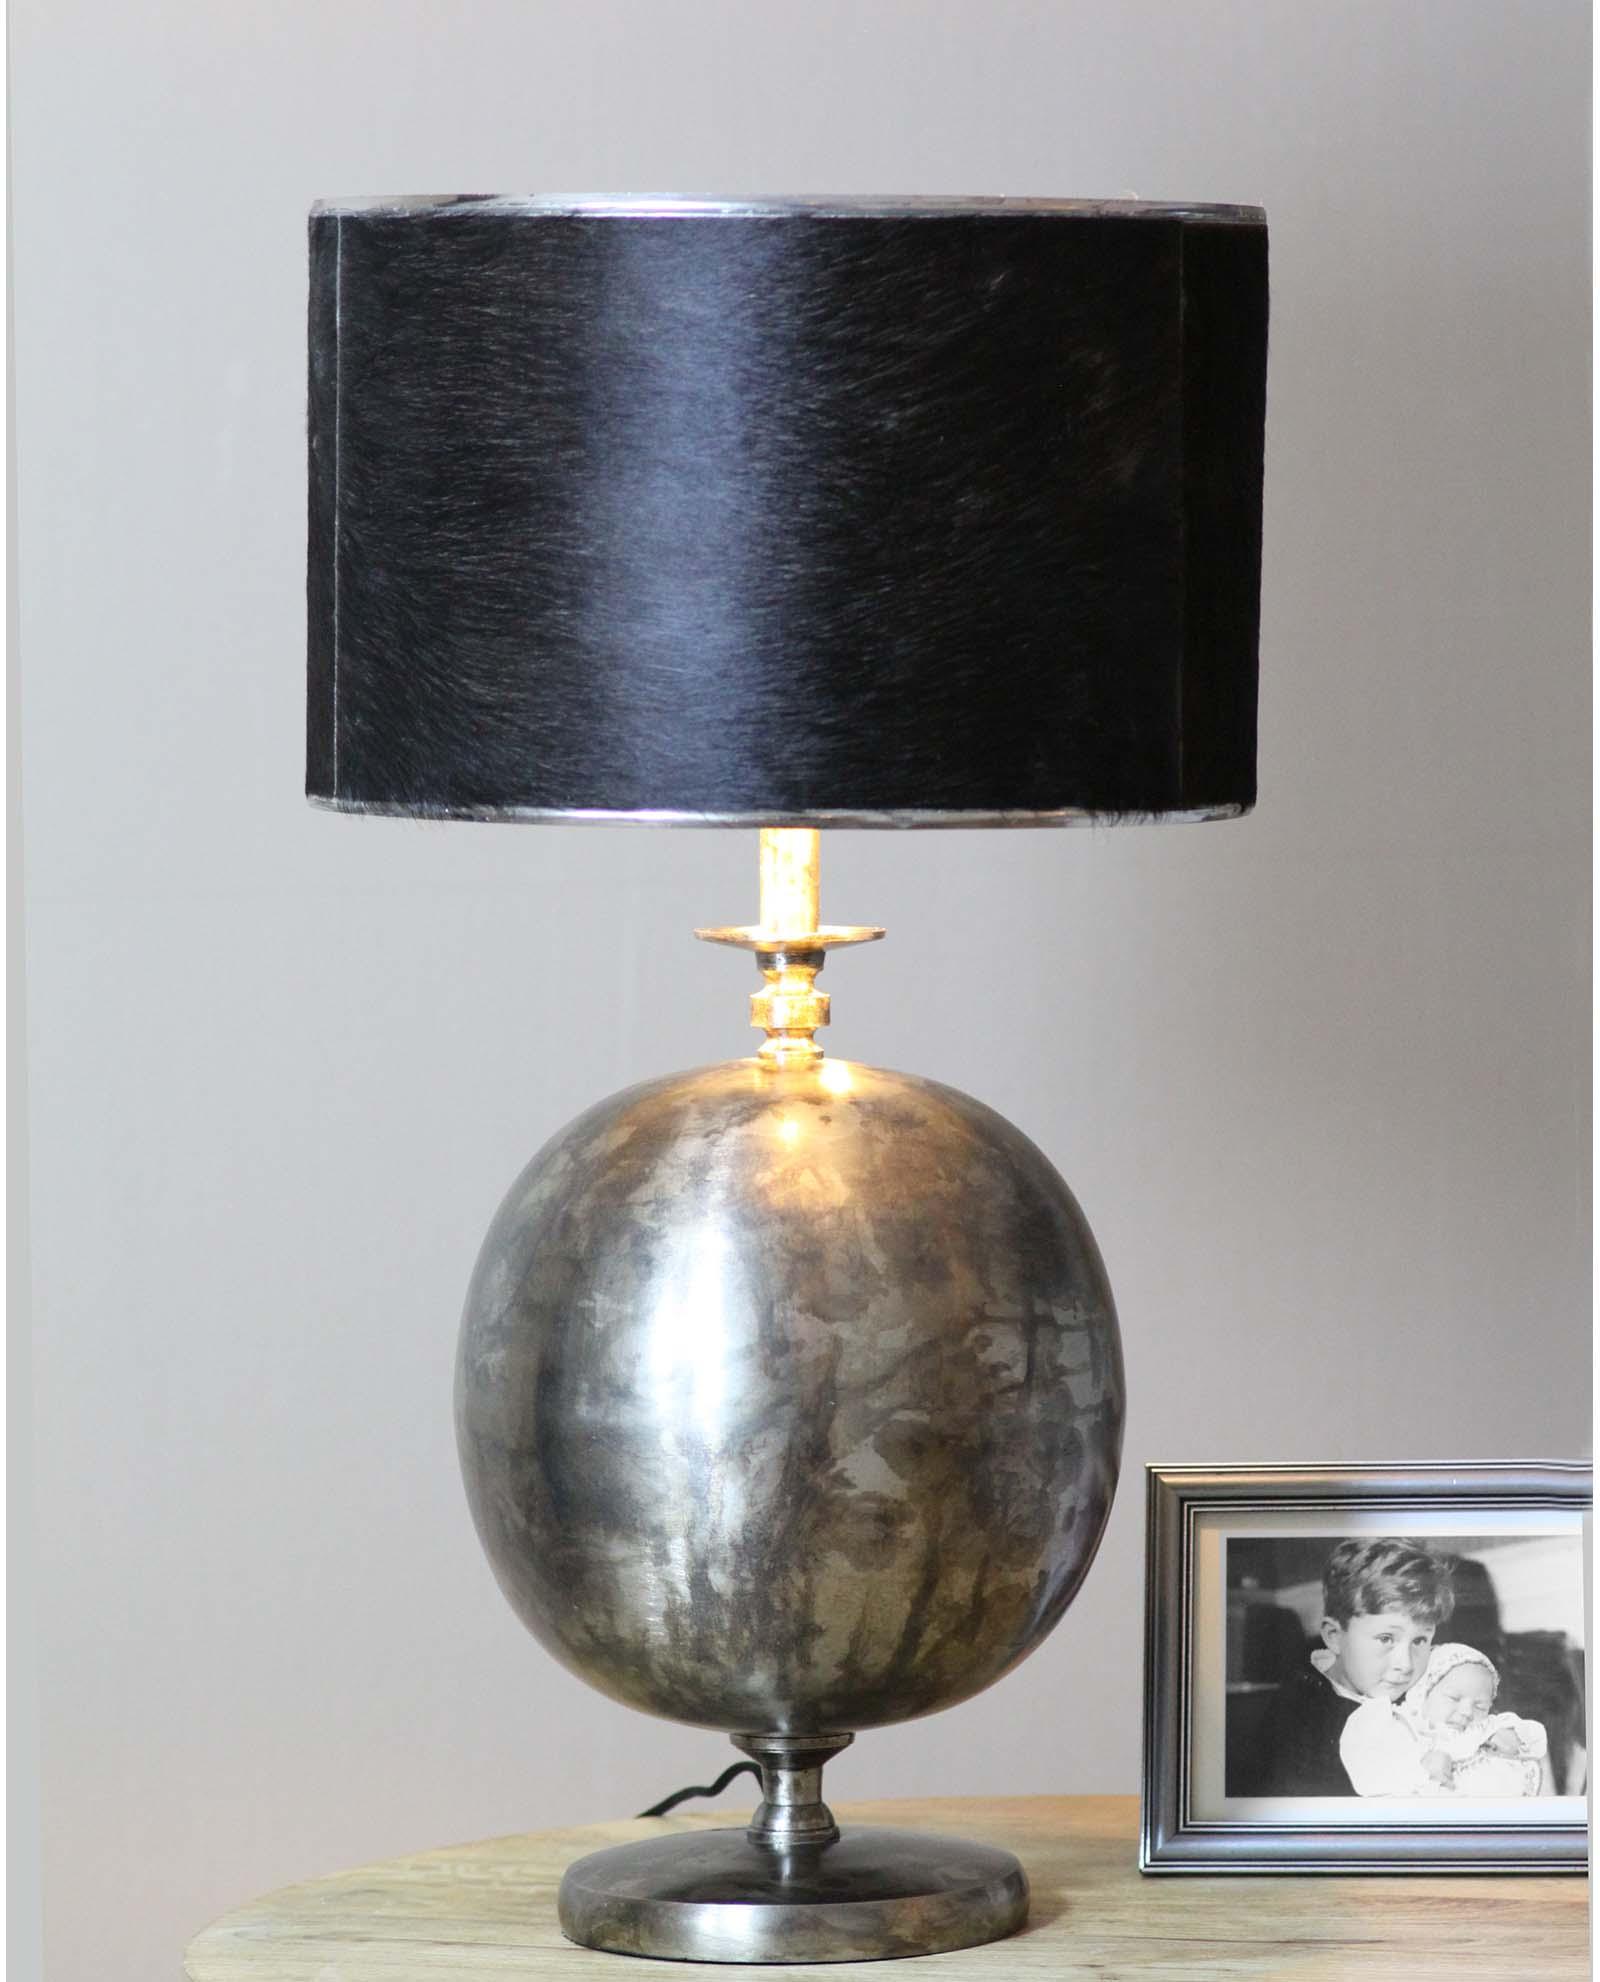 Jacob, Vintage Bordlampe, Ball mskinn skjerm, total høyde